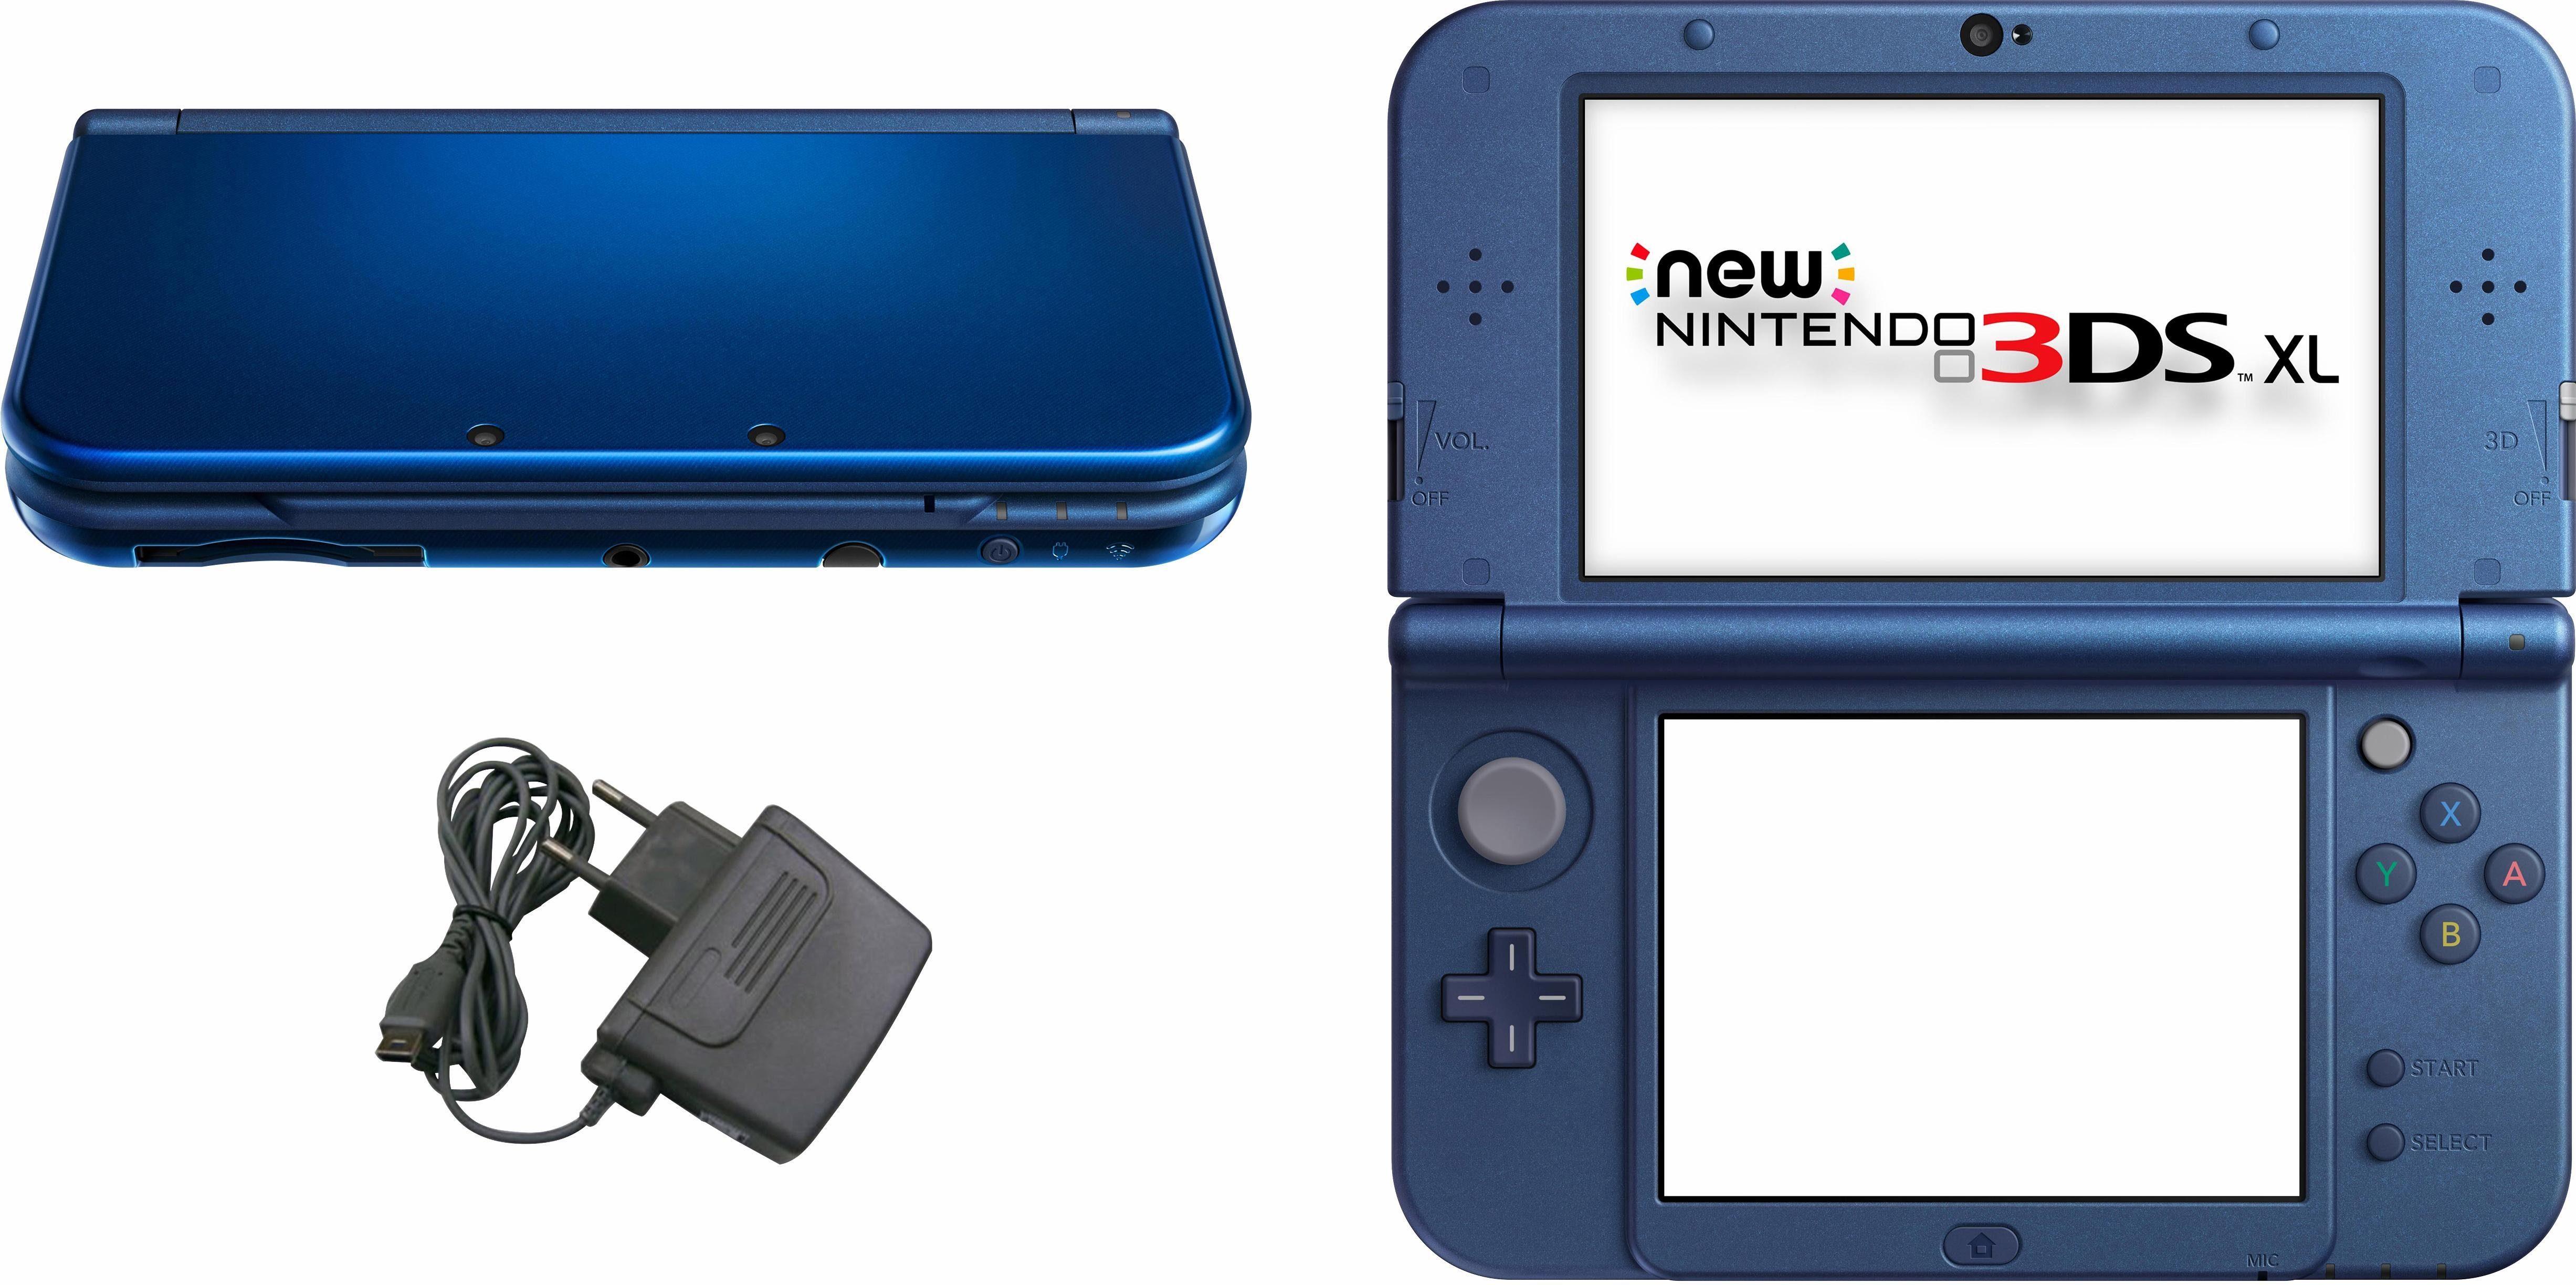 New Nintendo 3DS XL mit 3 Jahren Garantie*